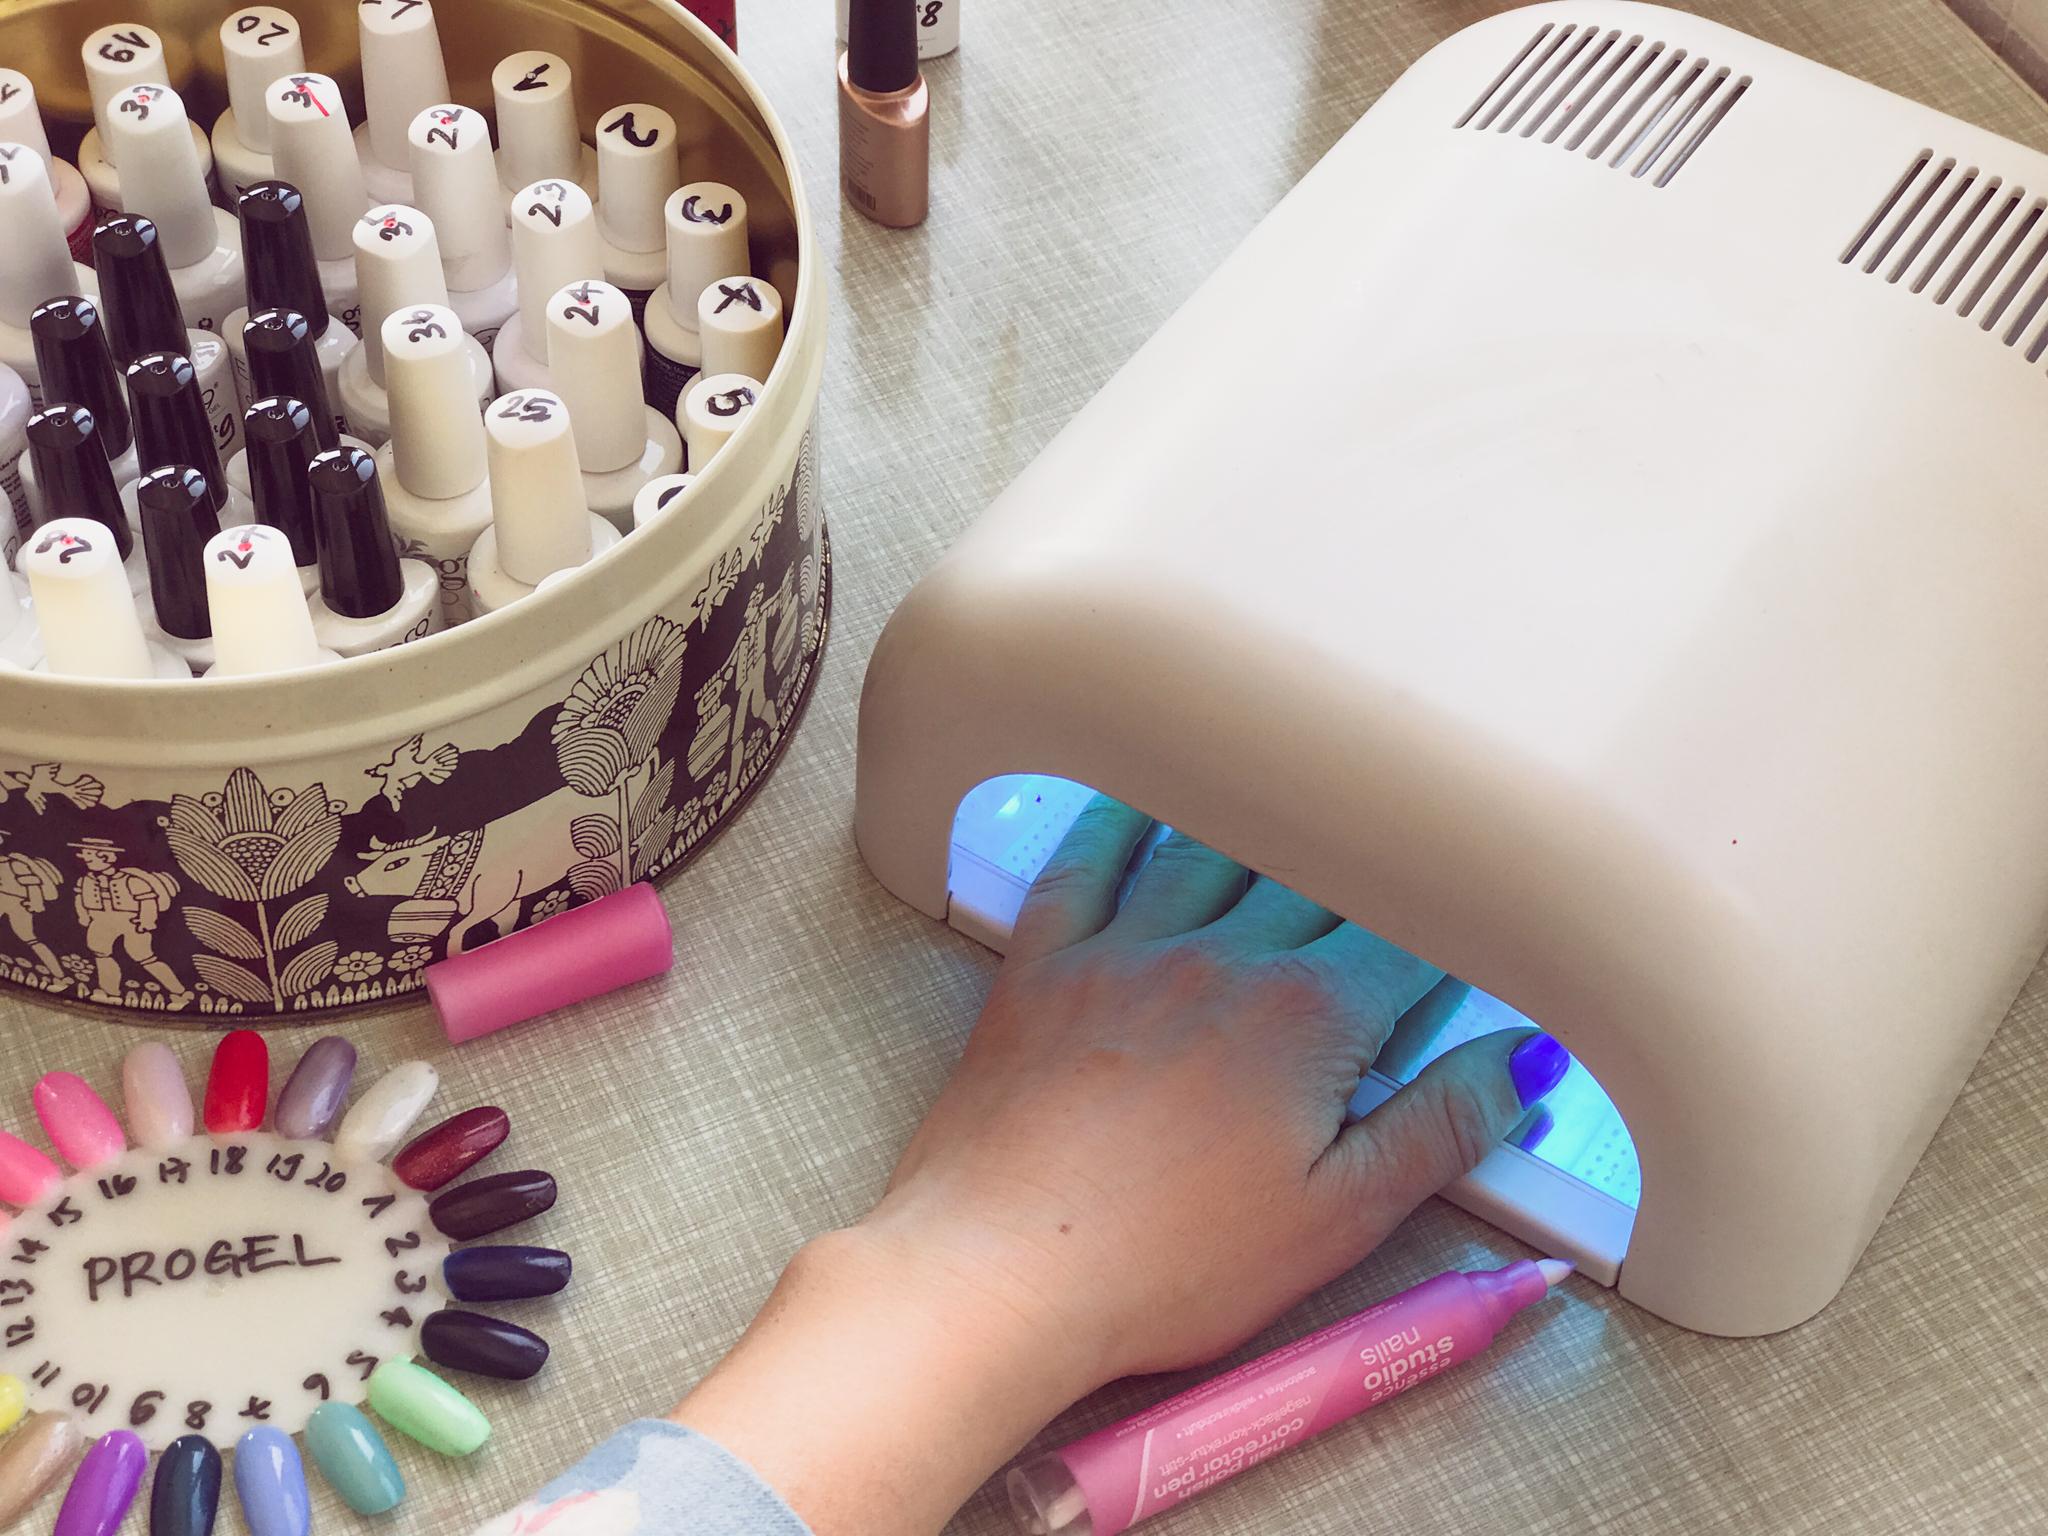 Wenn man selber zupackt, hält normaler Nagellack nicht wirklich lange. Darum Gellack! Dafür ins Nagelstudio? Sicher nöd!